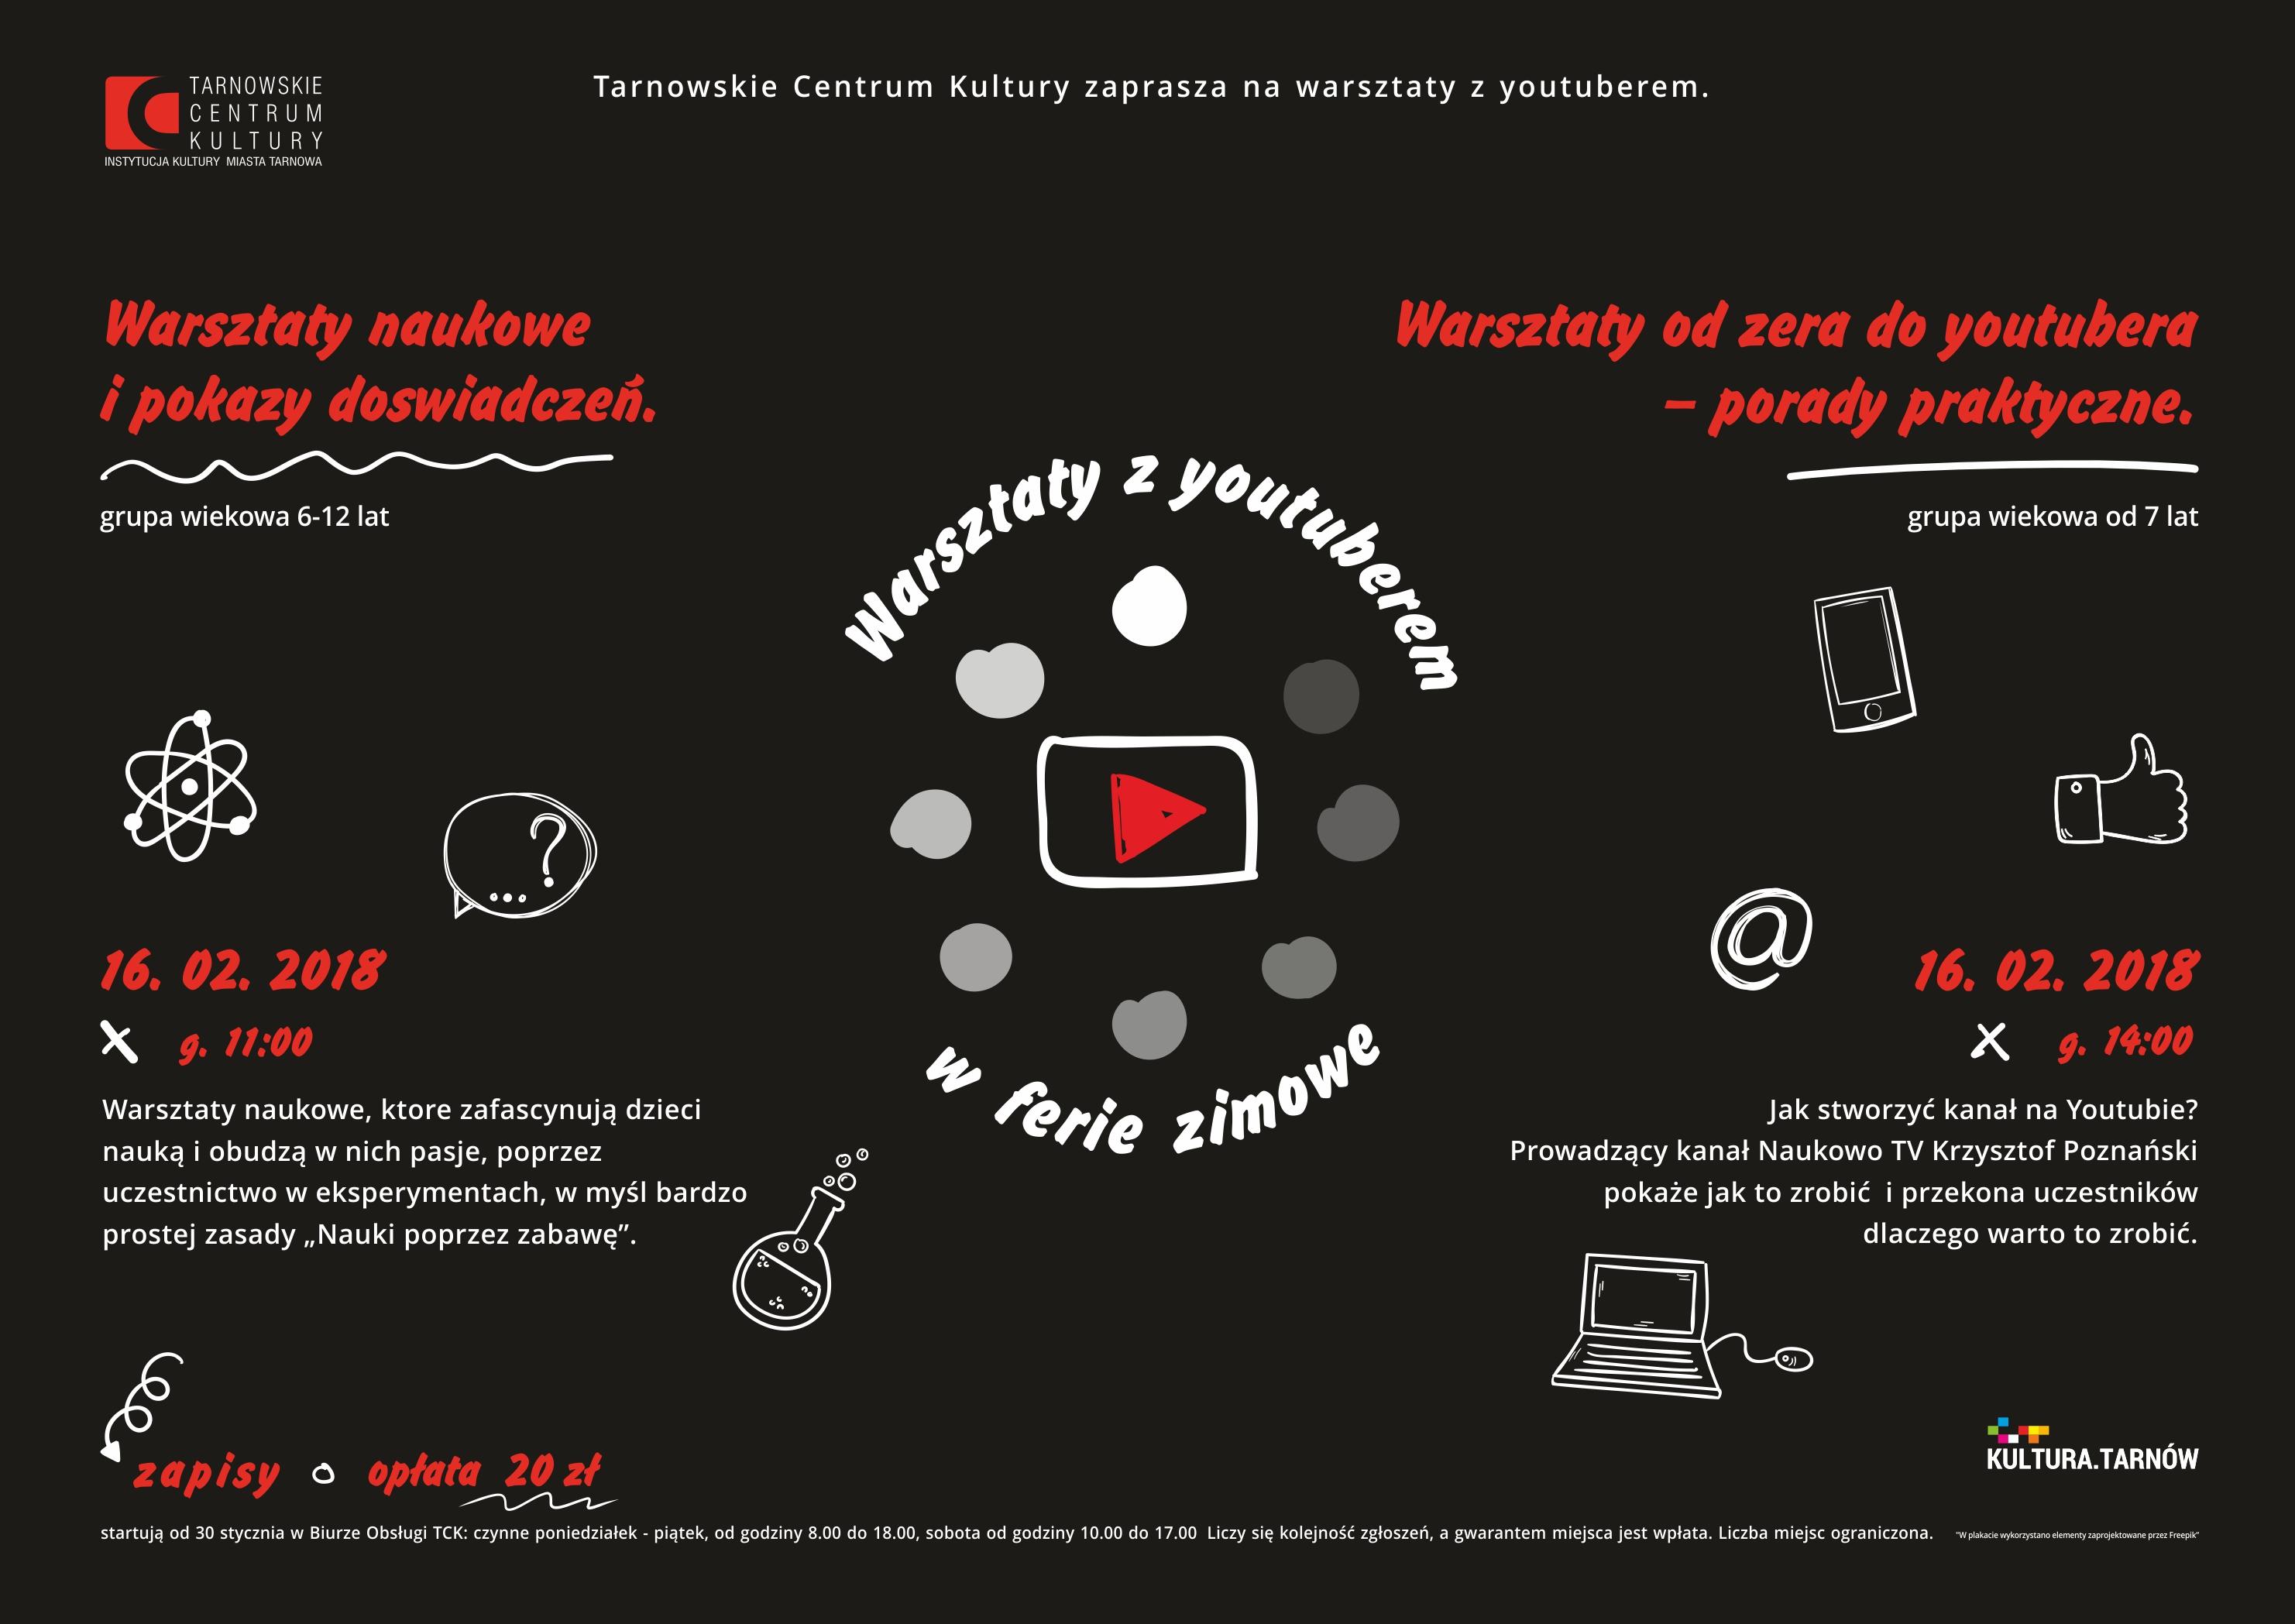 Plakat_warsztaty z youtuberem_www